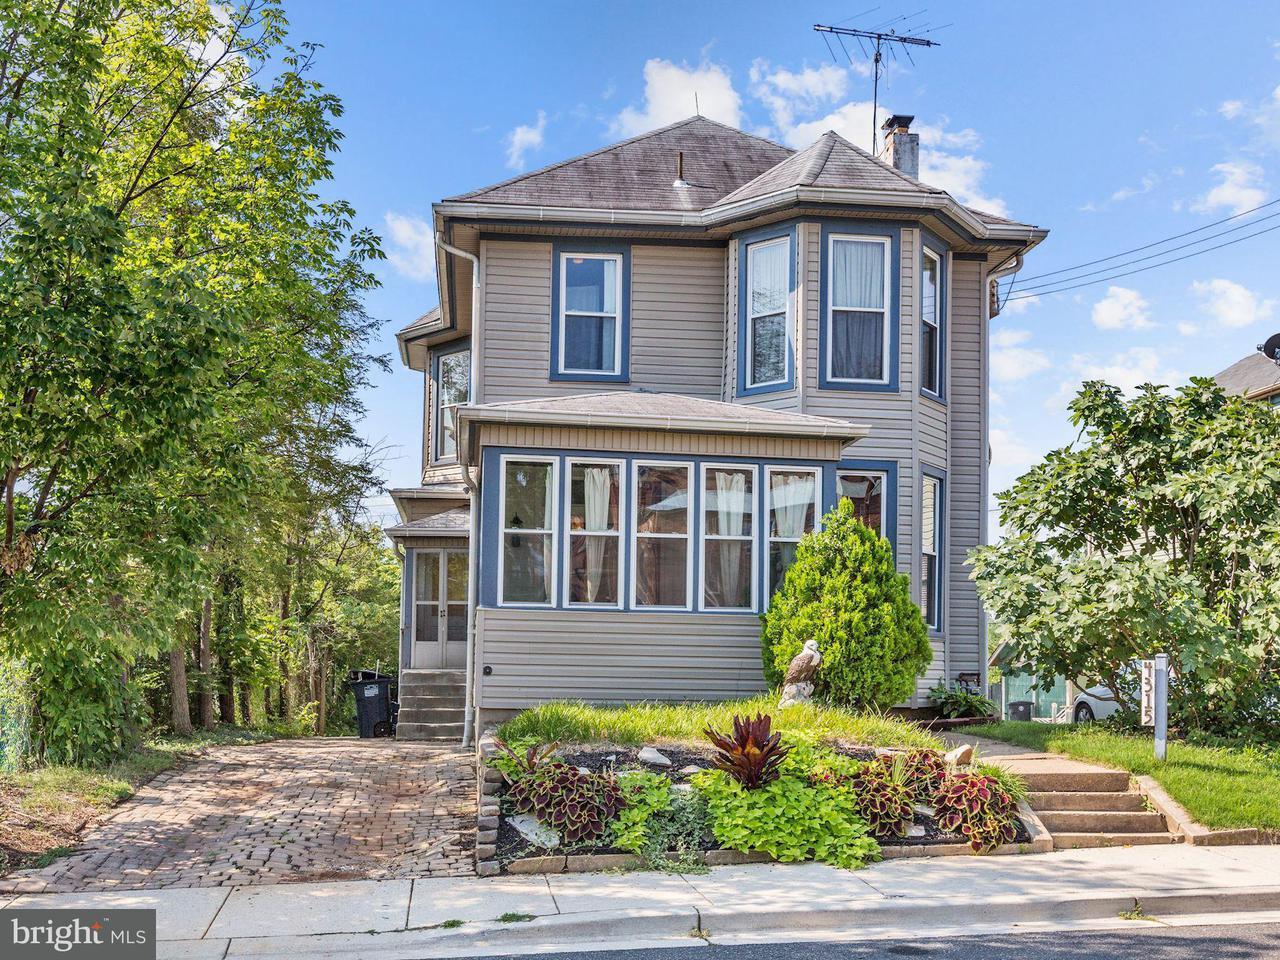 Μονοκατοικία για την Πώληση στο 4315 GALLATIN Street 4315 GALLATIN Street Hyattsville, Μεριλαντ 20781 Ηνωμενεσ Πολιτειεσ